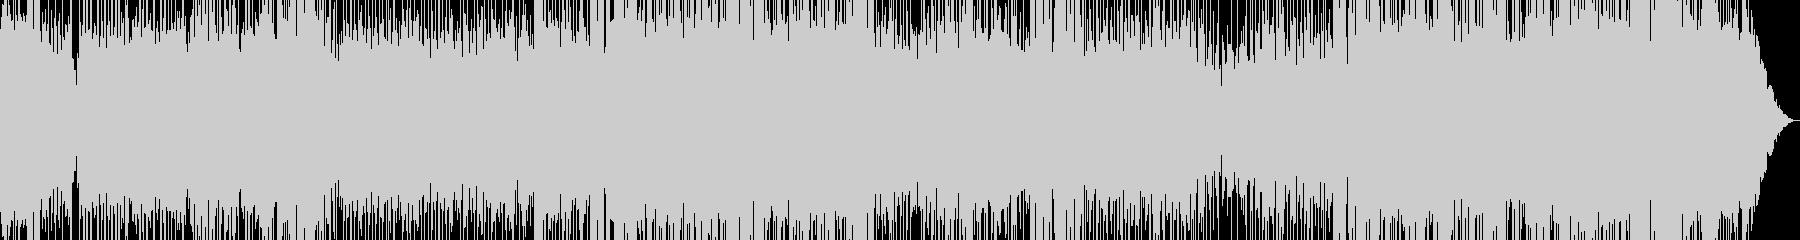 パワフルでアップテンポなファンクの未再生の波形